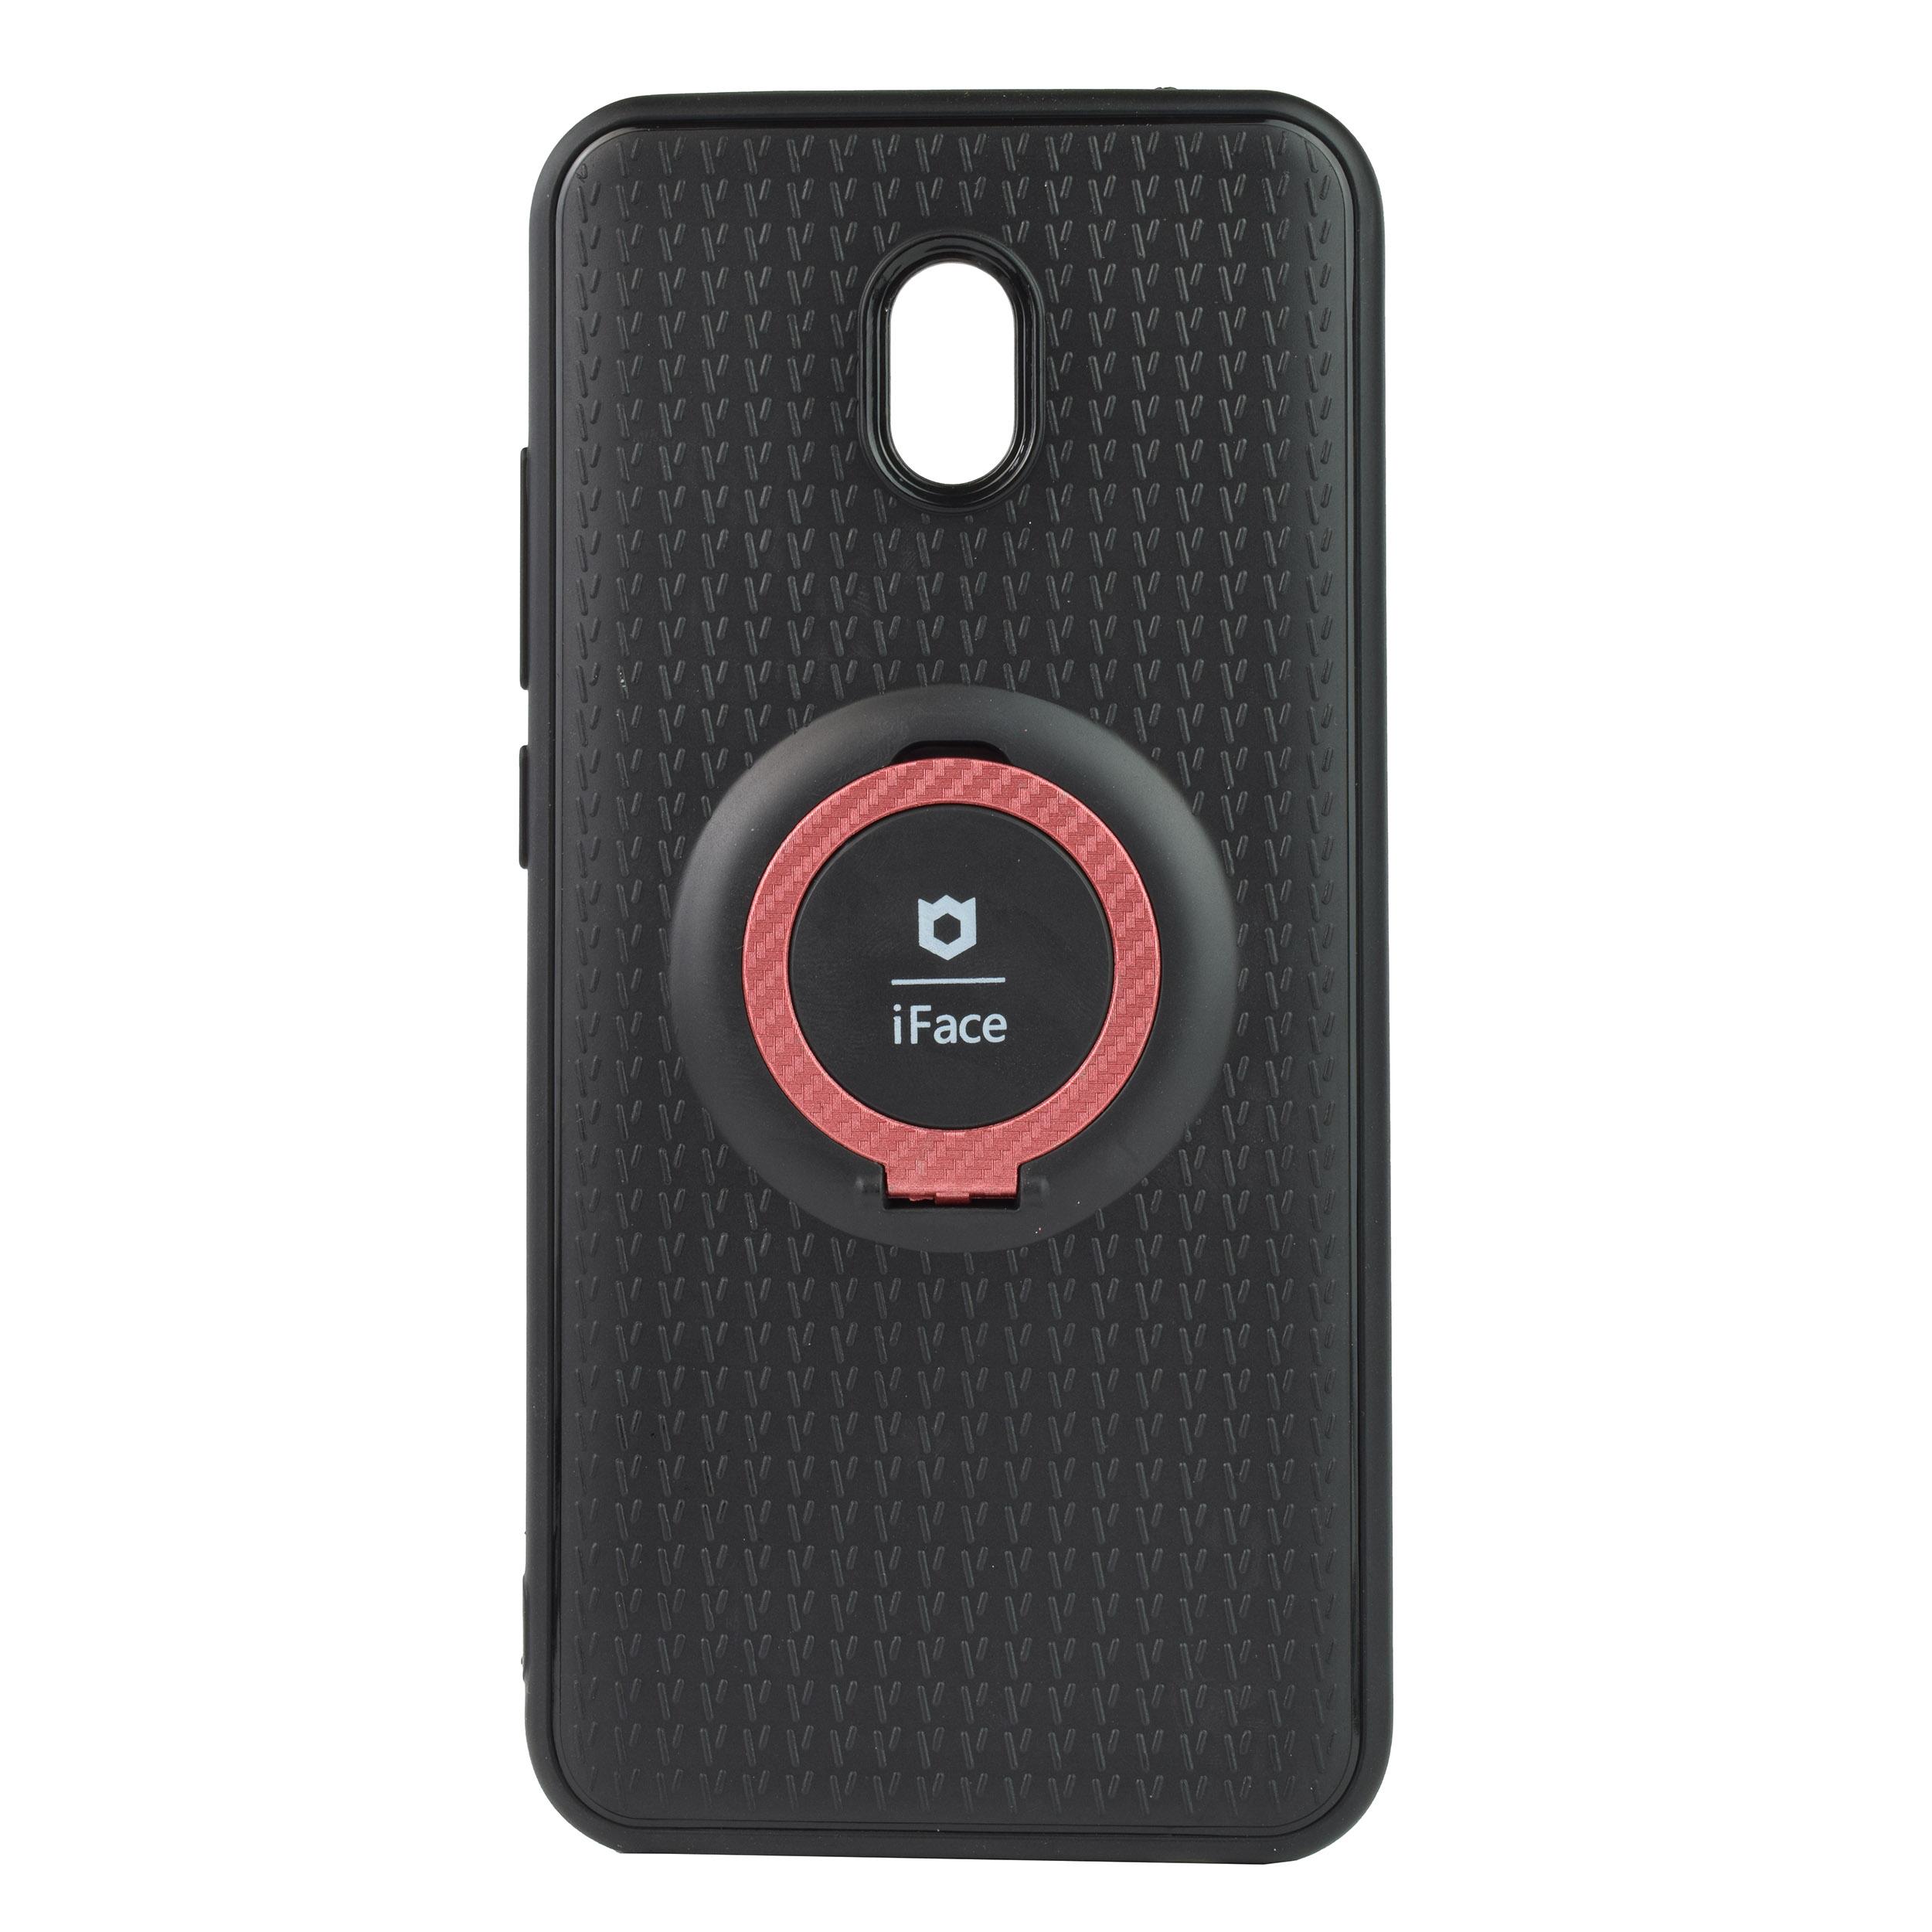 کاور آی فیس مدل IF20 مناسب برای گوشی موبایل شیائومی Redmi 8A